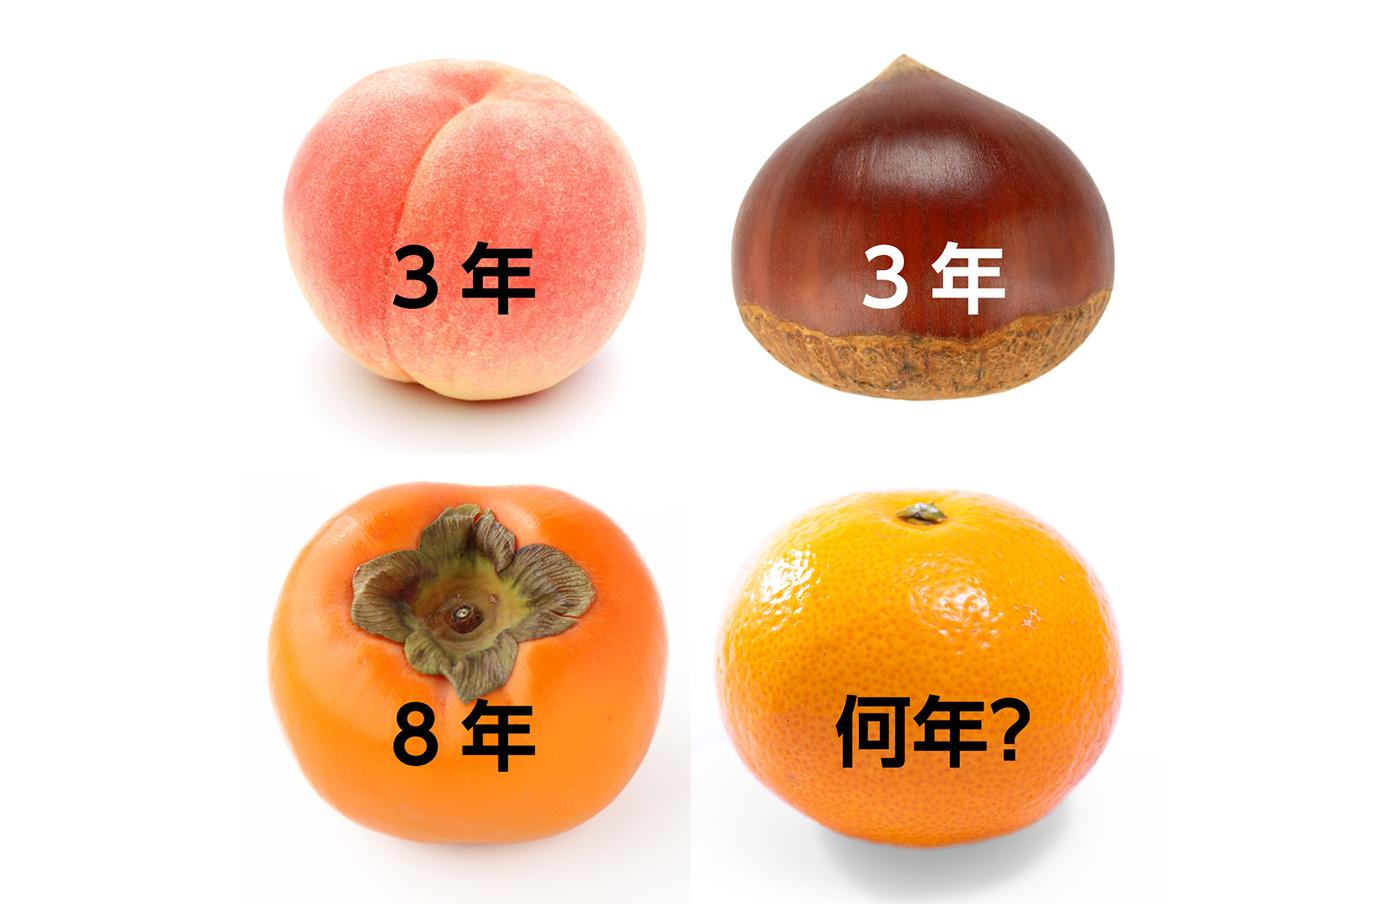 桃栗三年柿八年 みかんは何年?